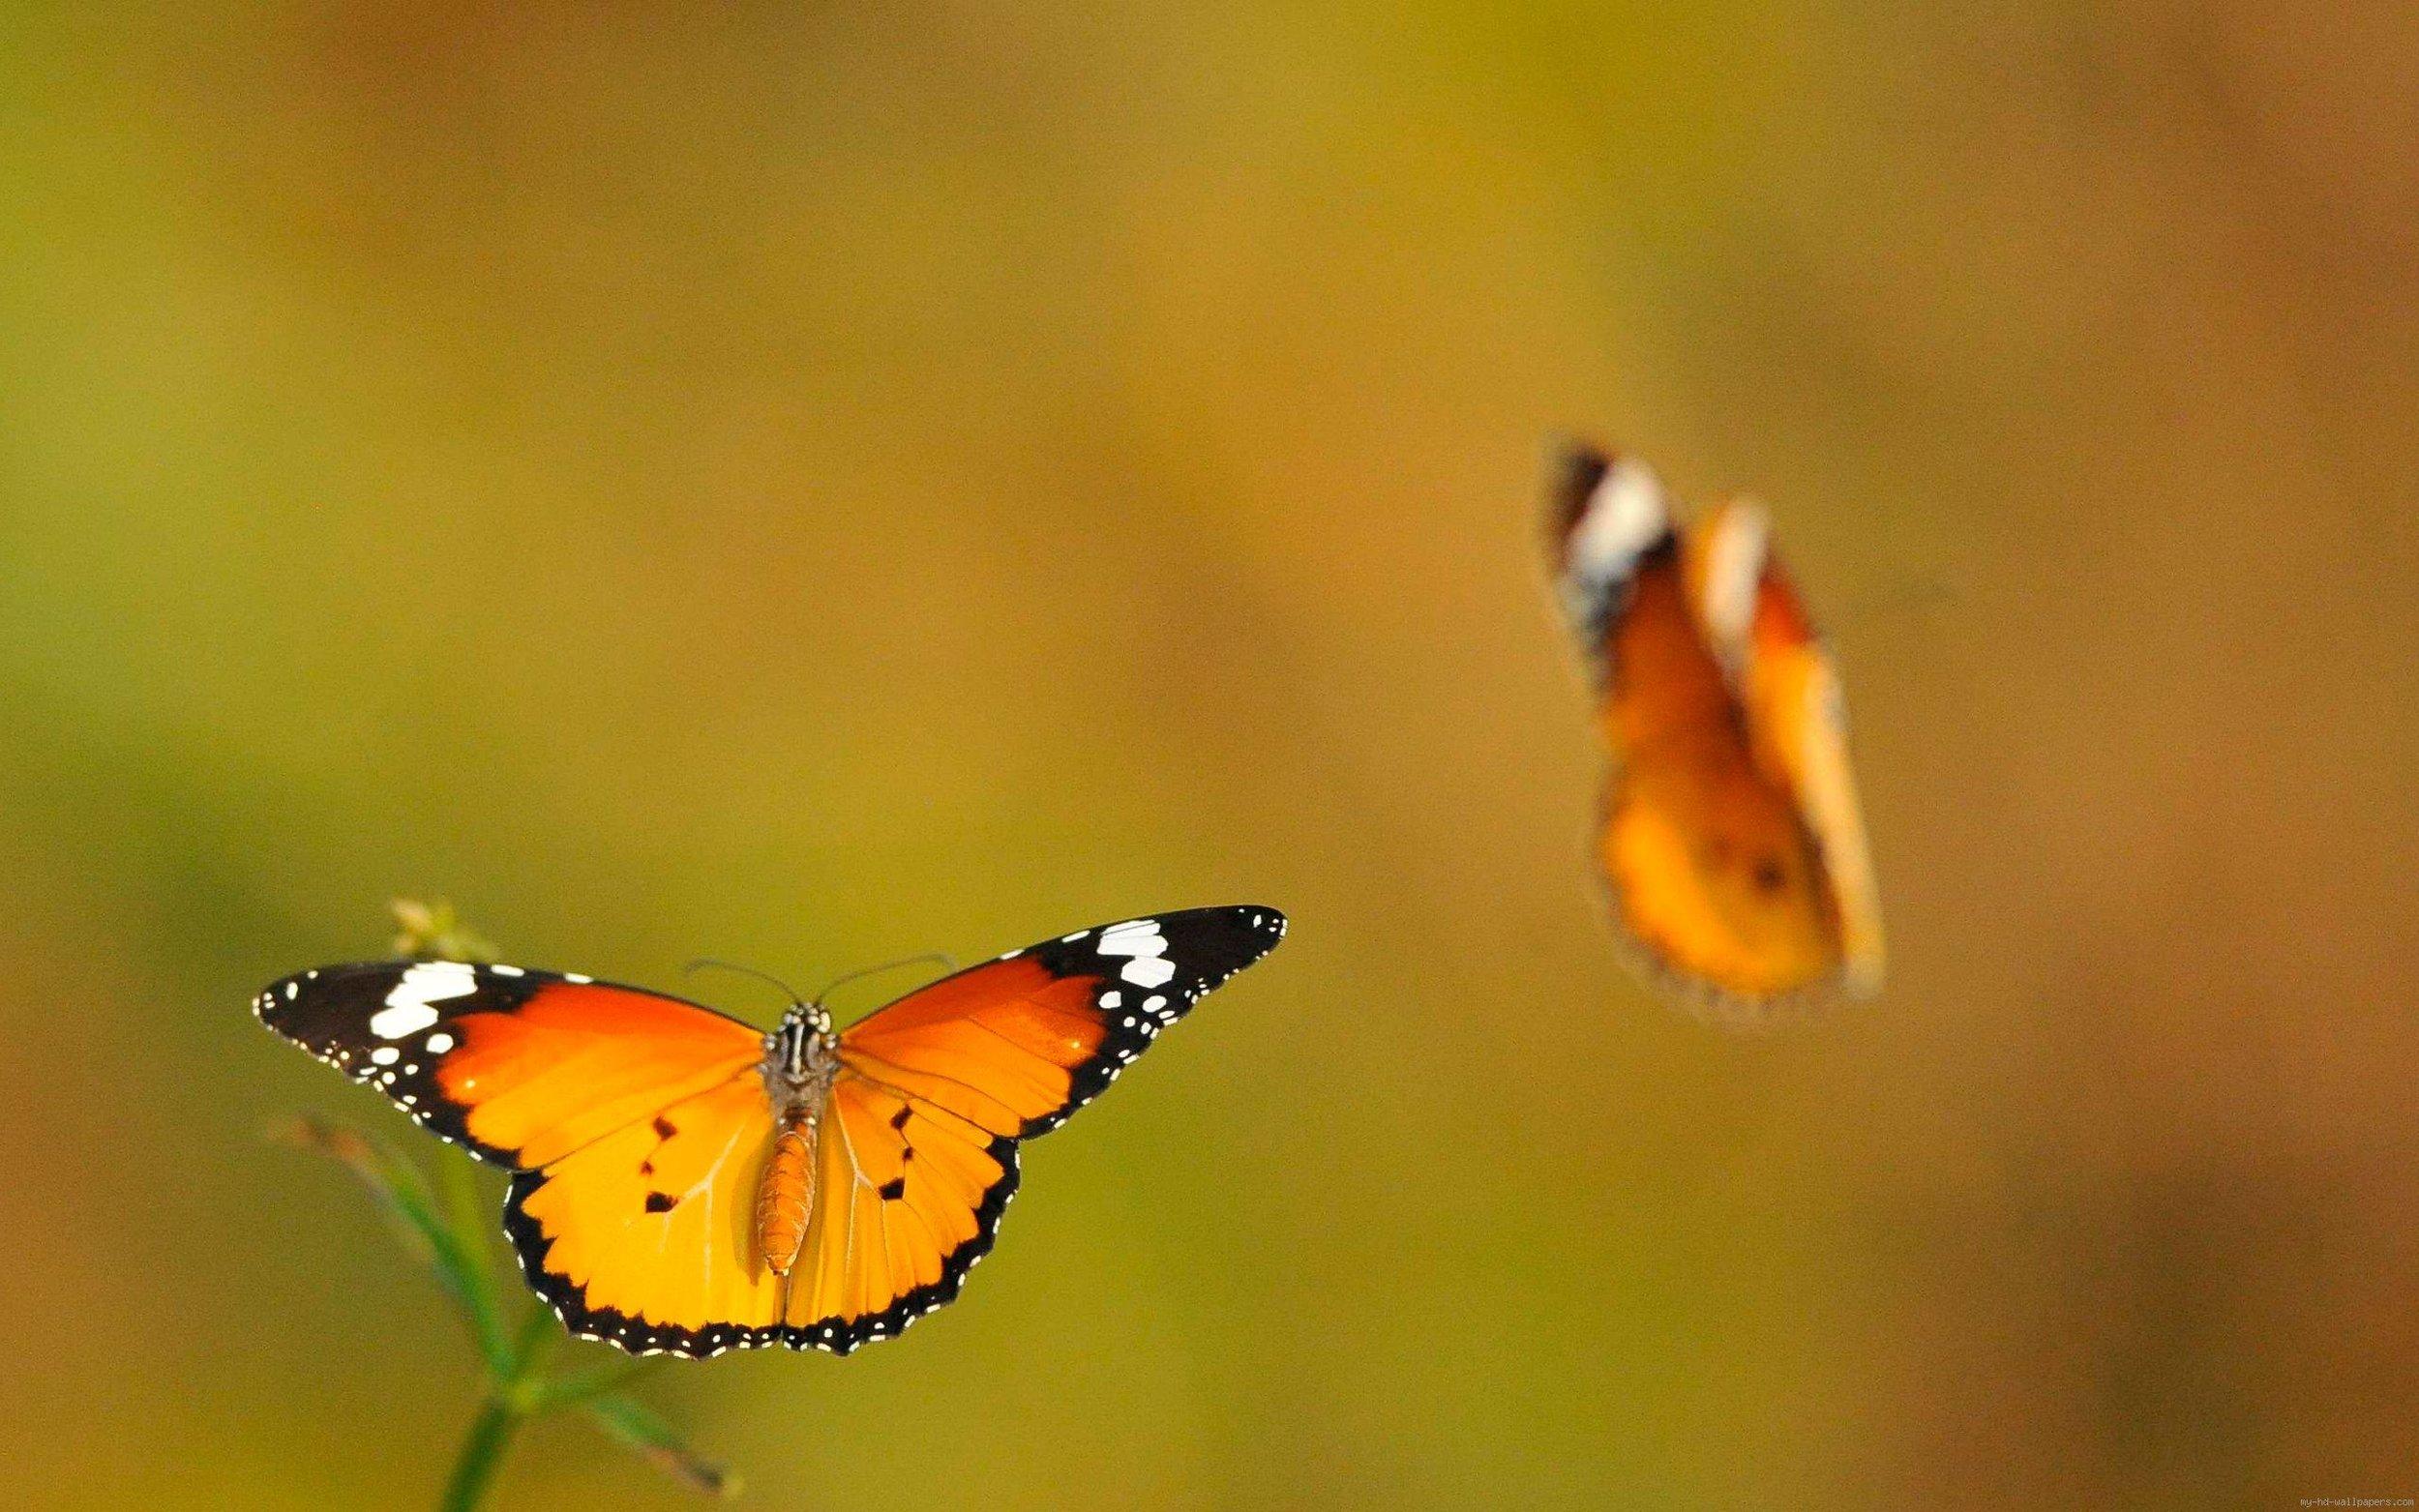 schmetterlinge-butterfly-couple.jpg